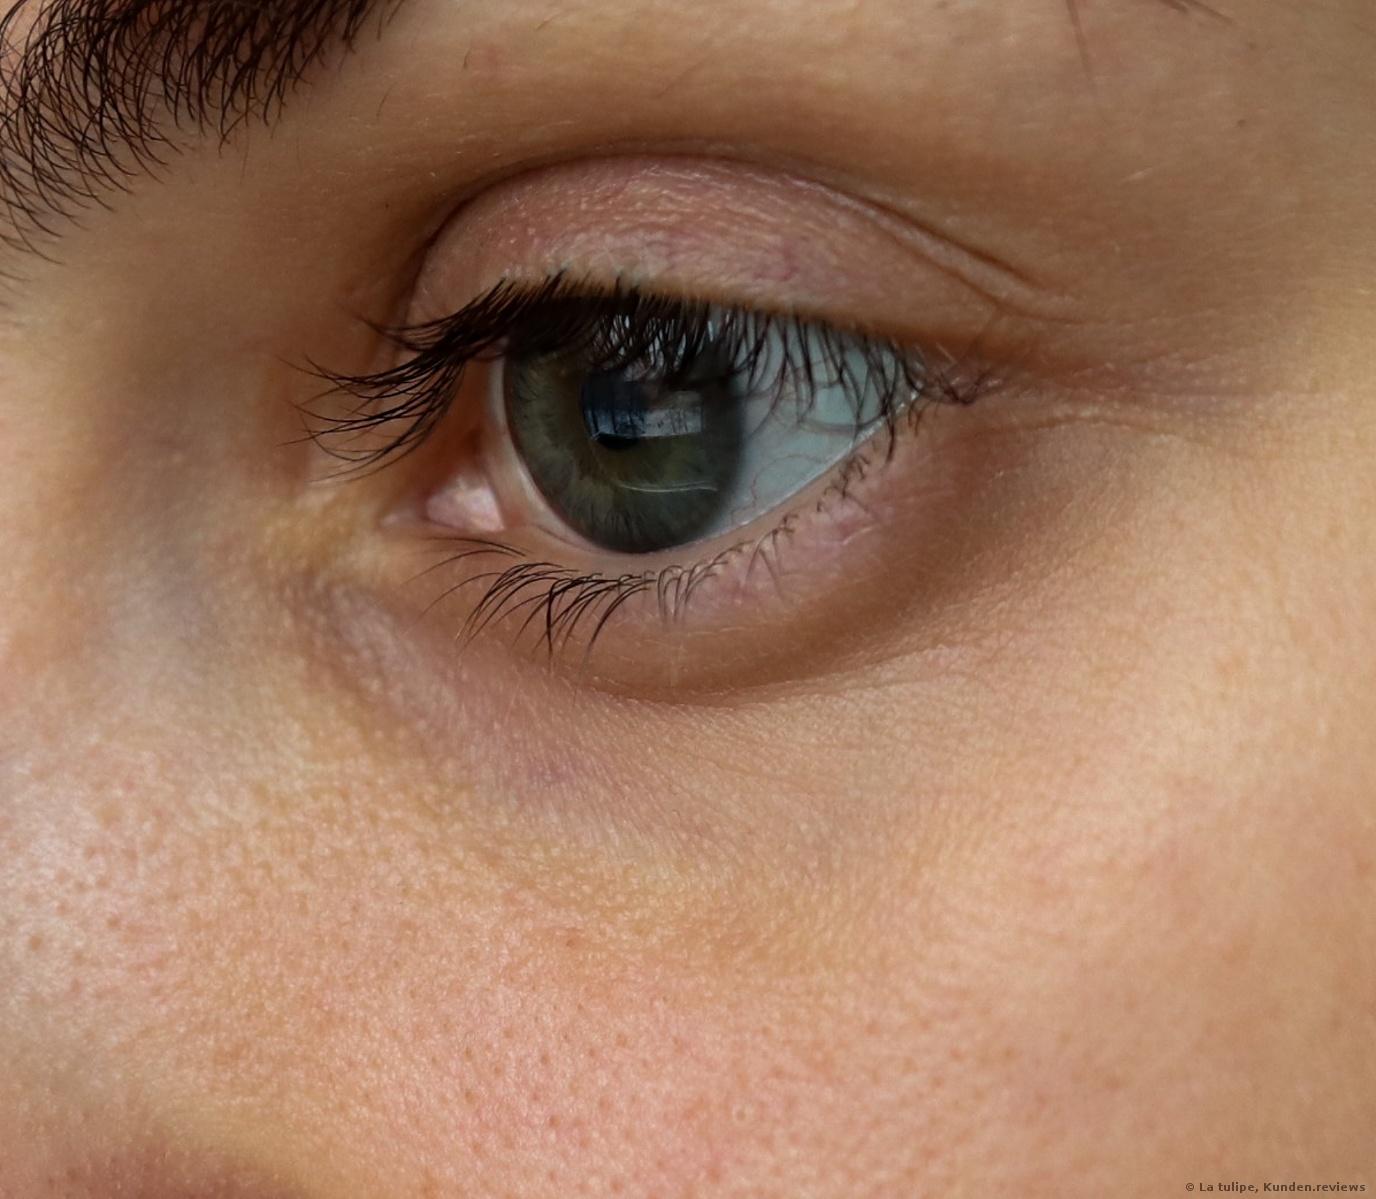 Kiehl's Augenpflege Creamy Eye Treatment with Avocado